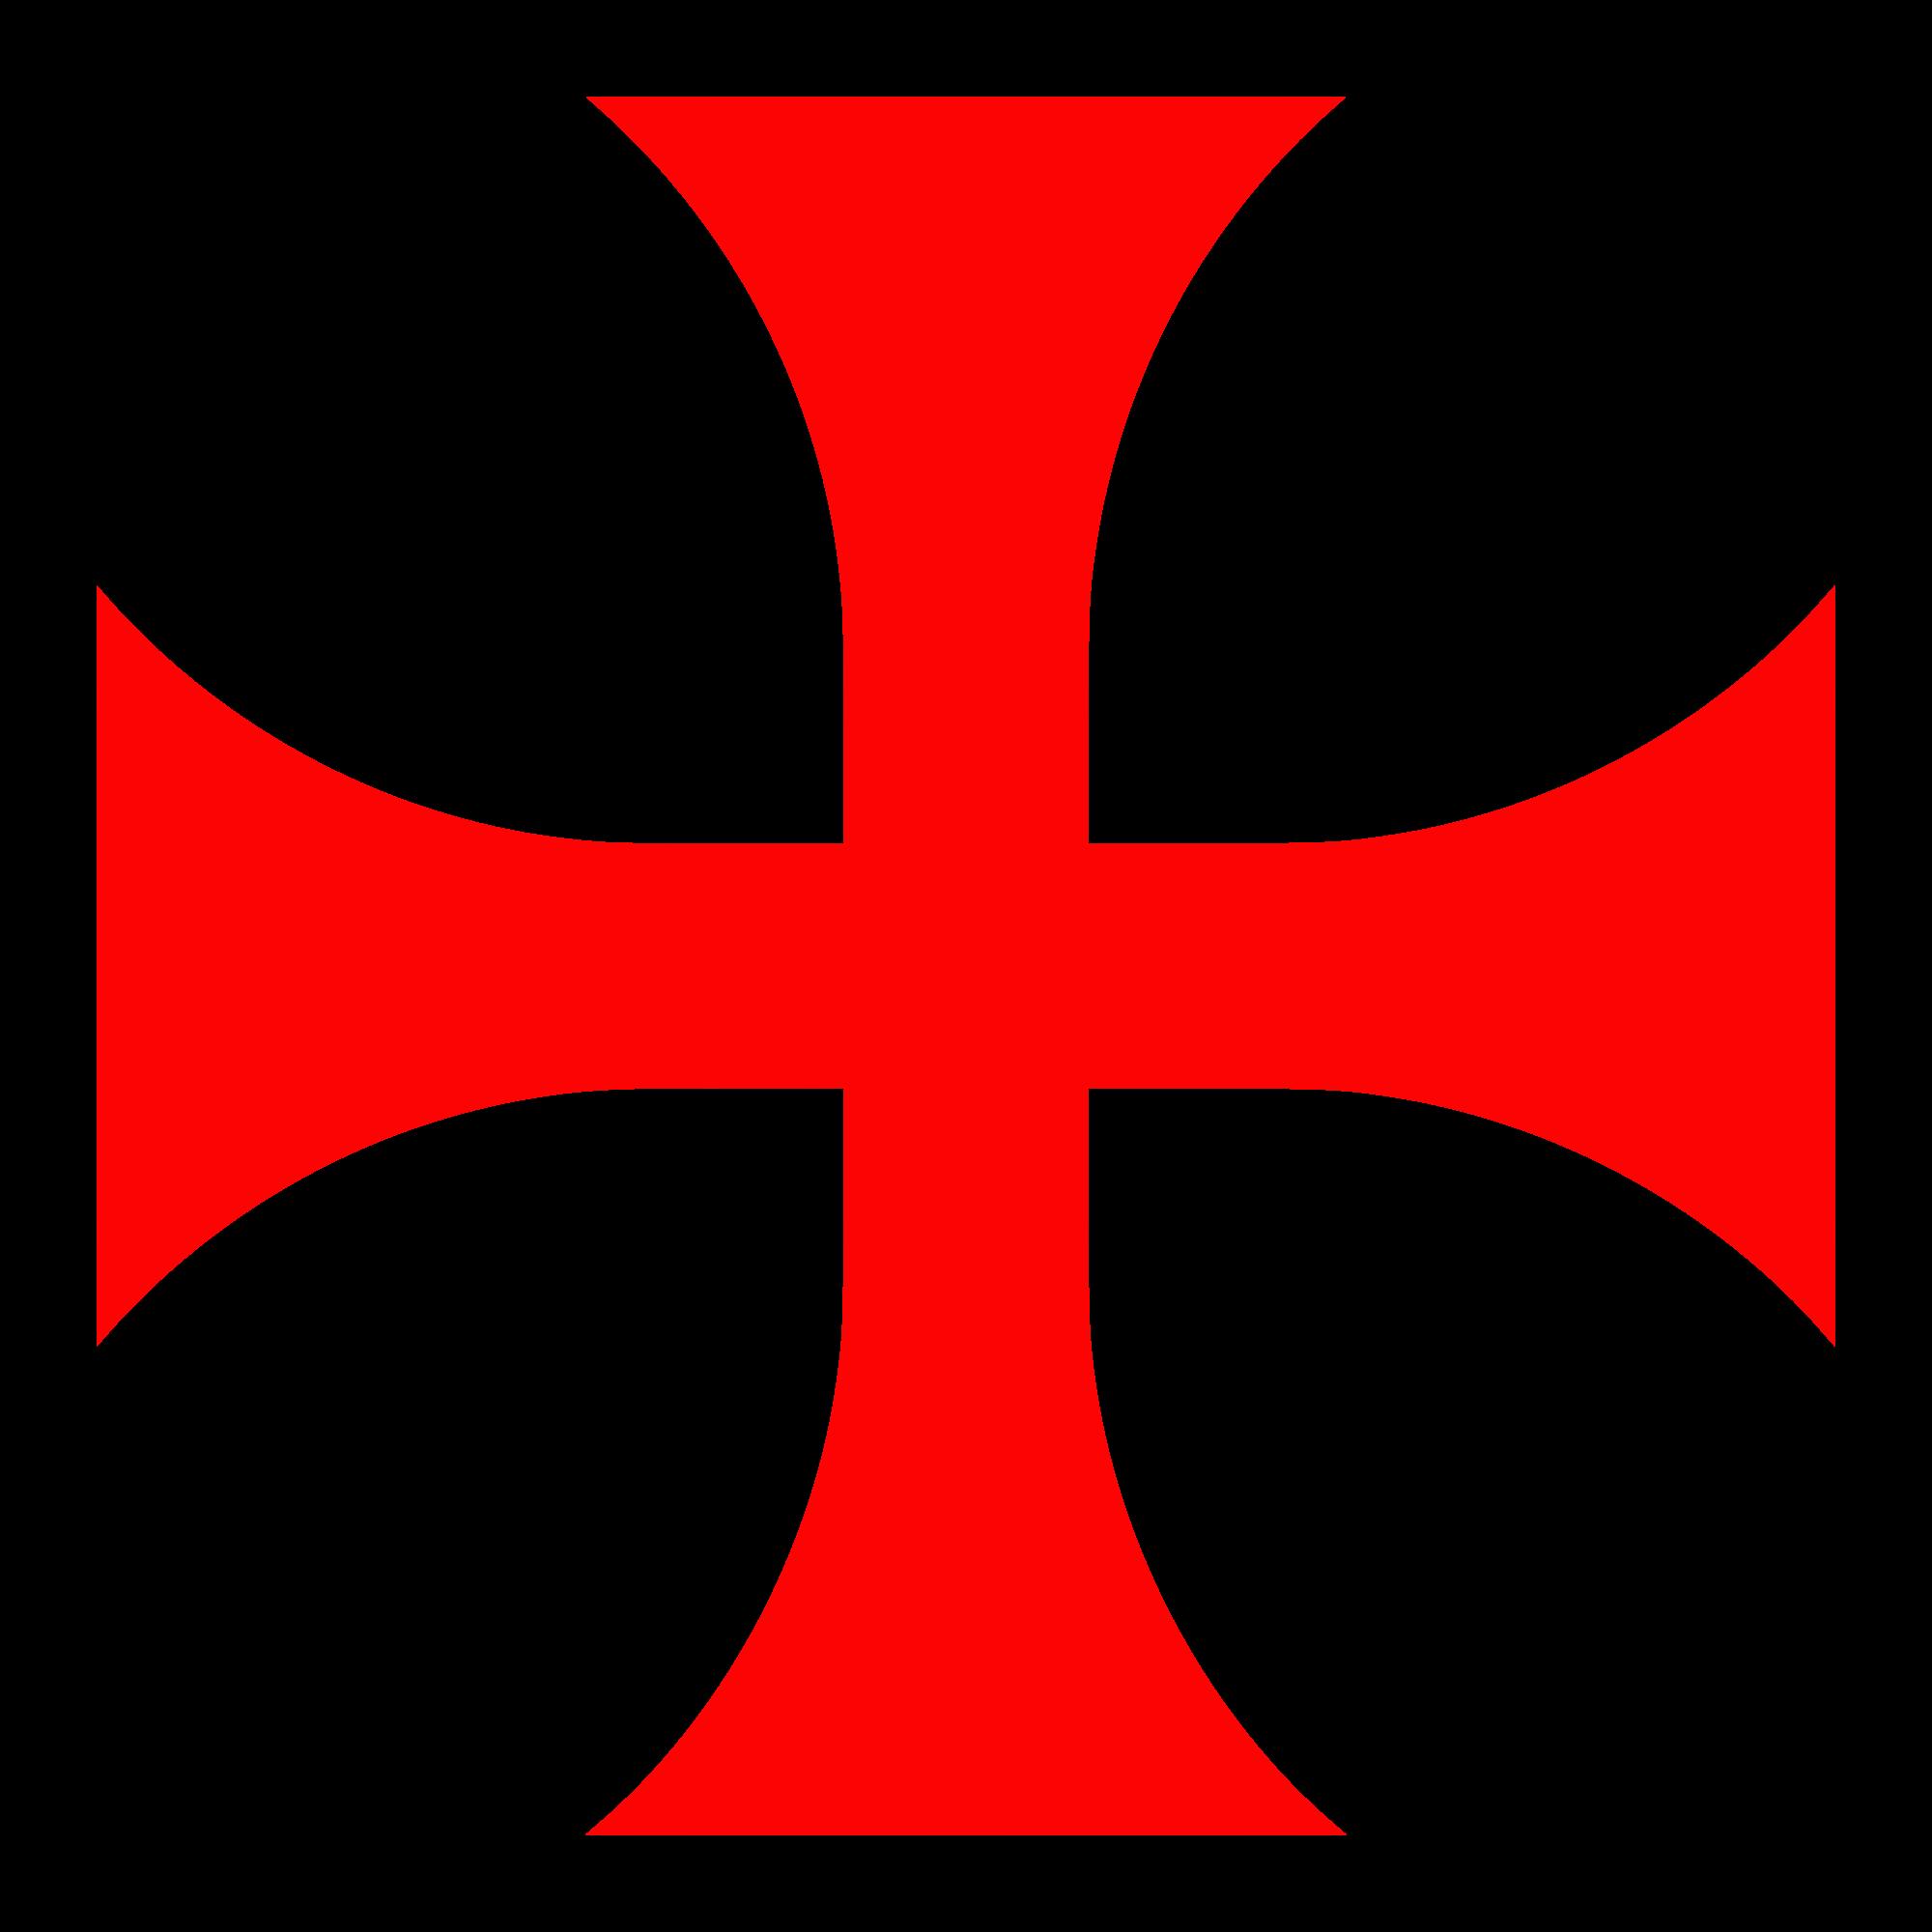 Templar Cross Assassins Creed Knights